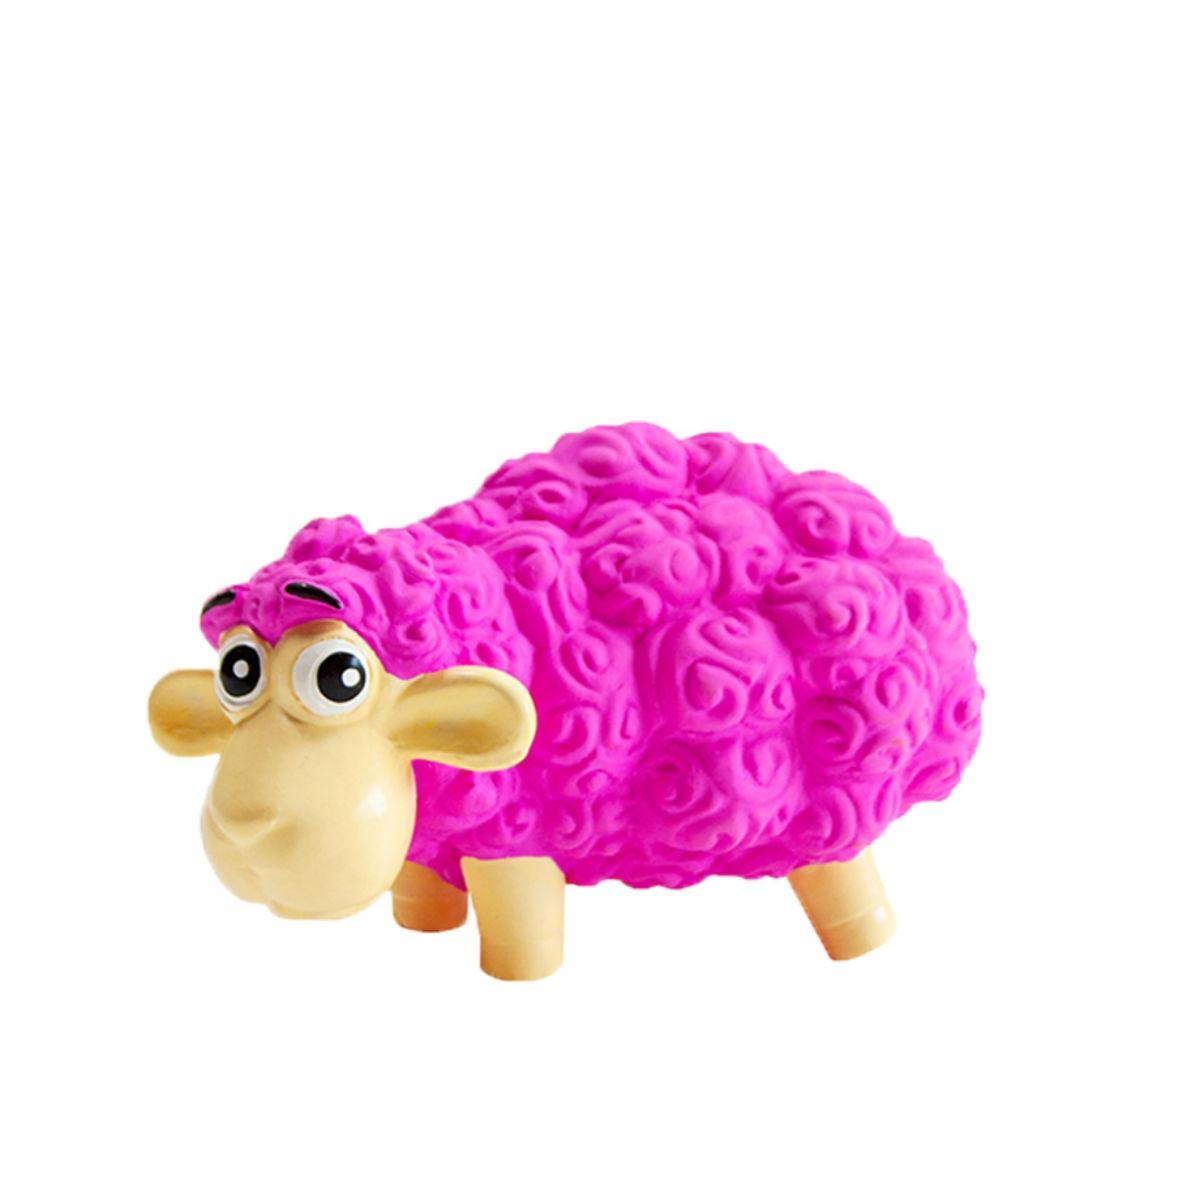 Outward Hound Tootiez Grunting Squeak Dog Toy - Sheep